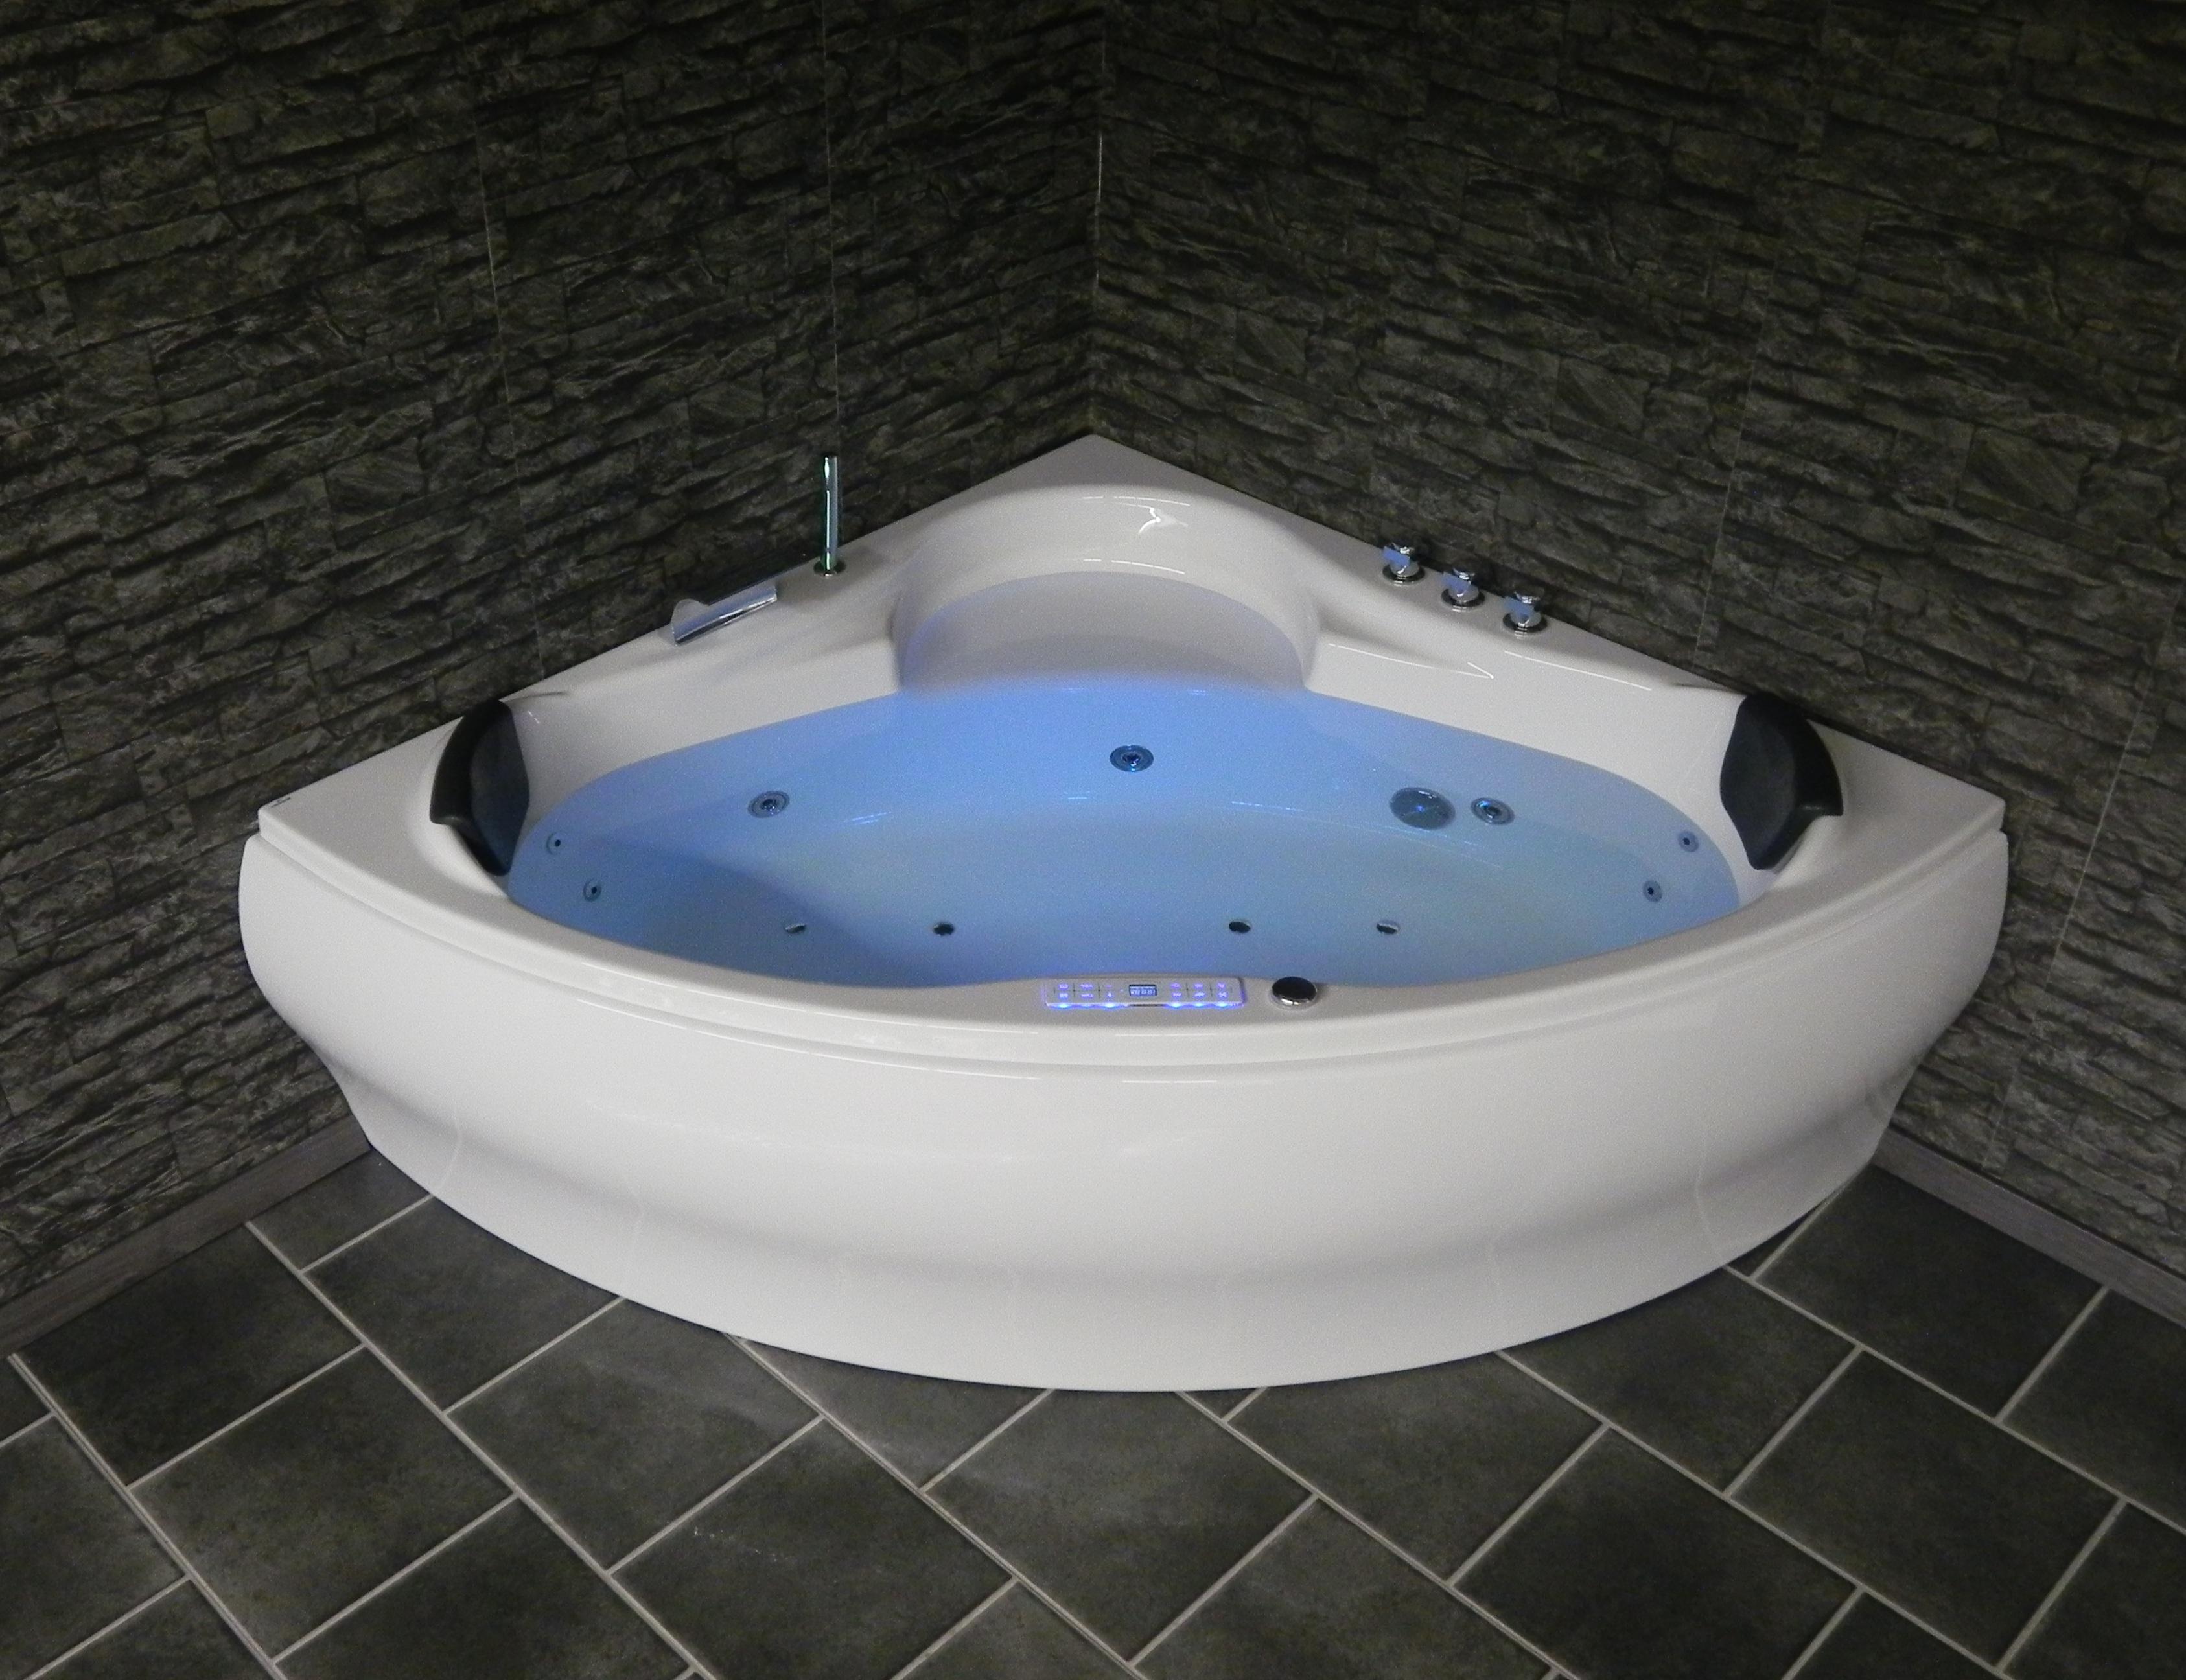 Dina Premium - Luxus Whirlpool Dreieck Badewanne Jacuzzi Spa Radio ... Varianten Der Whirlpool Badewanne